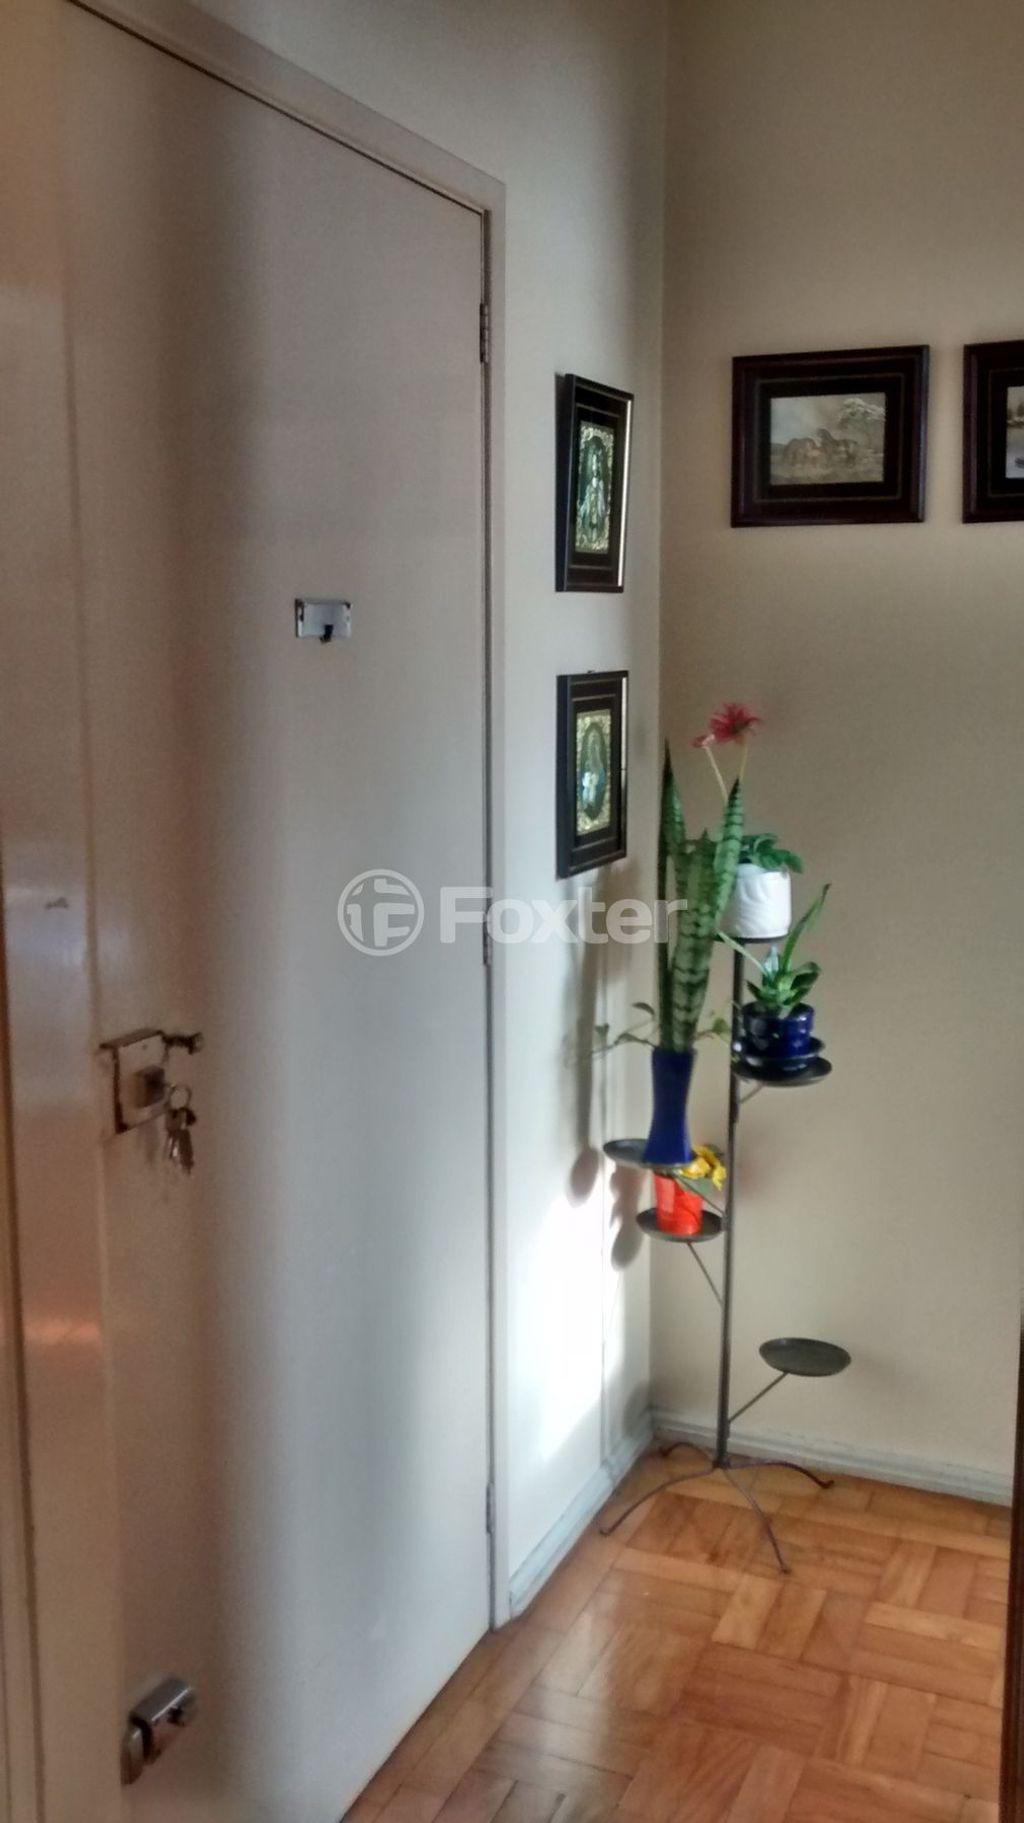 Foxter Imobiliária - Apto 2 Dorm, Menino Deus - Foto 17